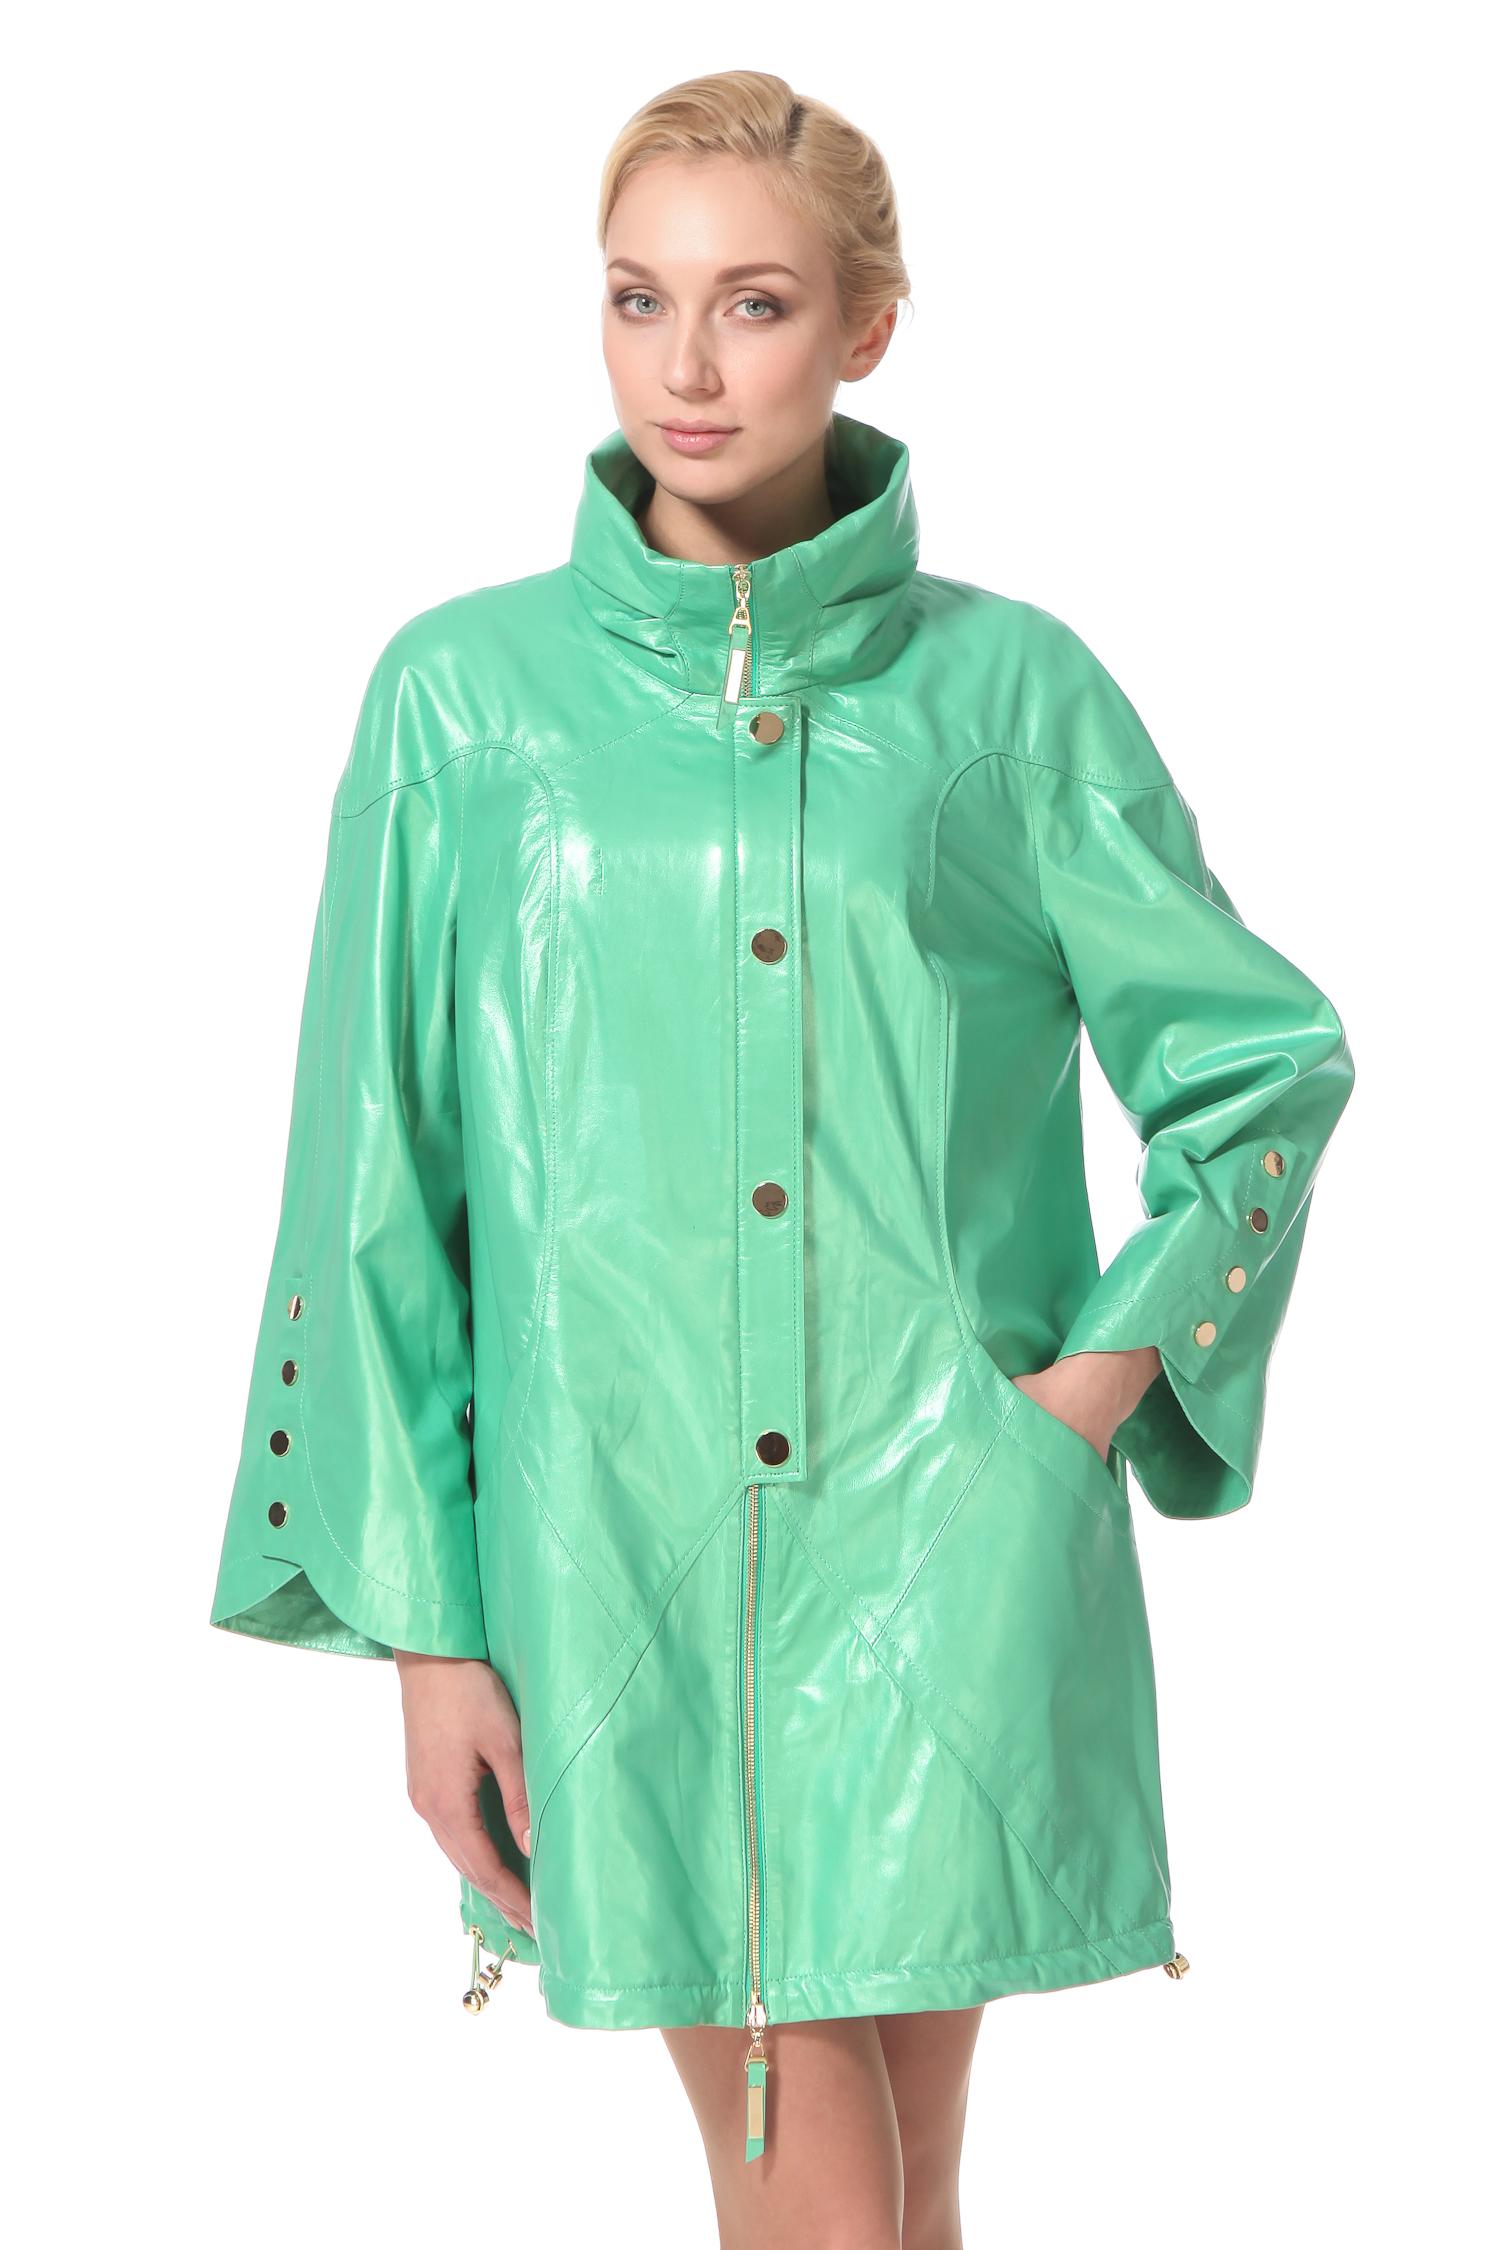 Женское кожаное пальто из натуральной кожи с воротником, без отделкиЦвет - японская мята.<br><br>Яркая модель для тех, кто настроен позитивно вне зависимости от капризов погоды. Фасон изделия, а именно свободный крой и средняя длина, позволят Вам купить только одну куртку на сезон весна/осень, которую Вы можете носить и на работу, и на прогулки. Застежка выполнена на молнию, а дополнительной защитой от вертра служат кнопки. Рукав расклешен к низу, что делает модель красивой и удобной, особенно для женщин пышных форм. Для того, чтобы Вам было еще более комфортно, низ изделия дополнен кулиской. Вы можете сами корректировать длину и крой изделия в зависимости от настроения и погоды.<br><br>Воротник: стойка<br>Длина см: Средняя (75-89 )<br>Материал: Кожа овчина<br>Цвет: зеленый<br>Застежка: на молнии<br>Пол: Женский<br>Размер RU: 48